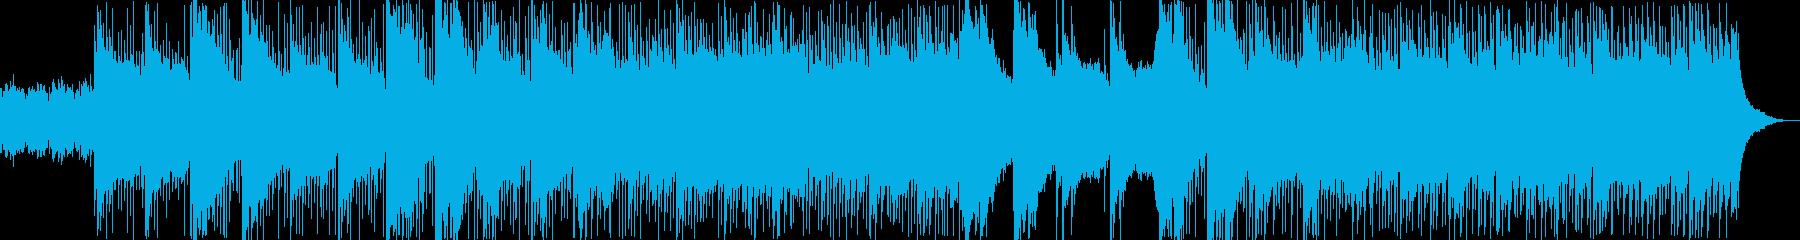 ギターアルペジオのふわっとした四つ打ちの再生済みの波形